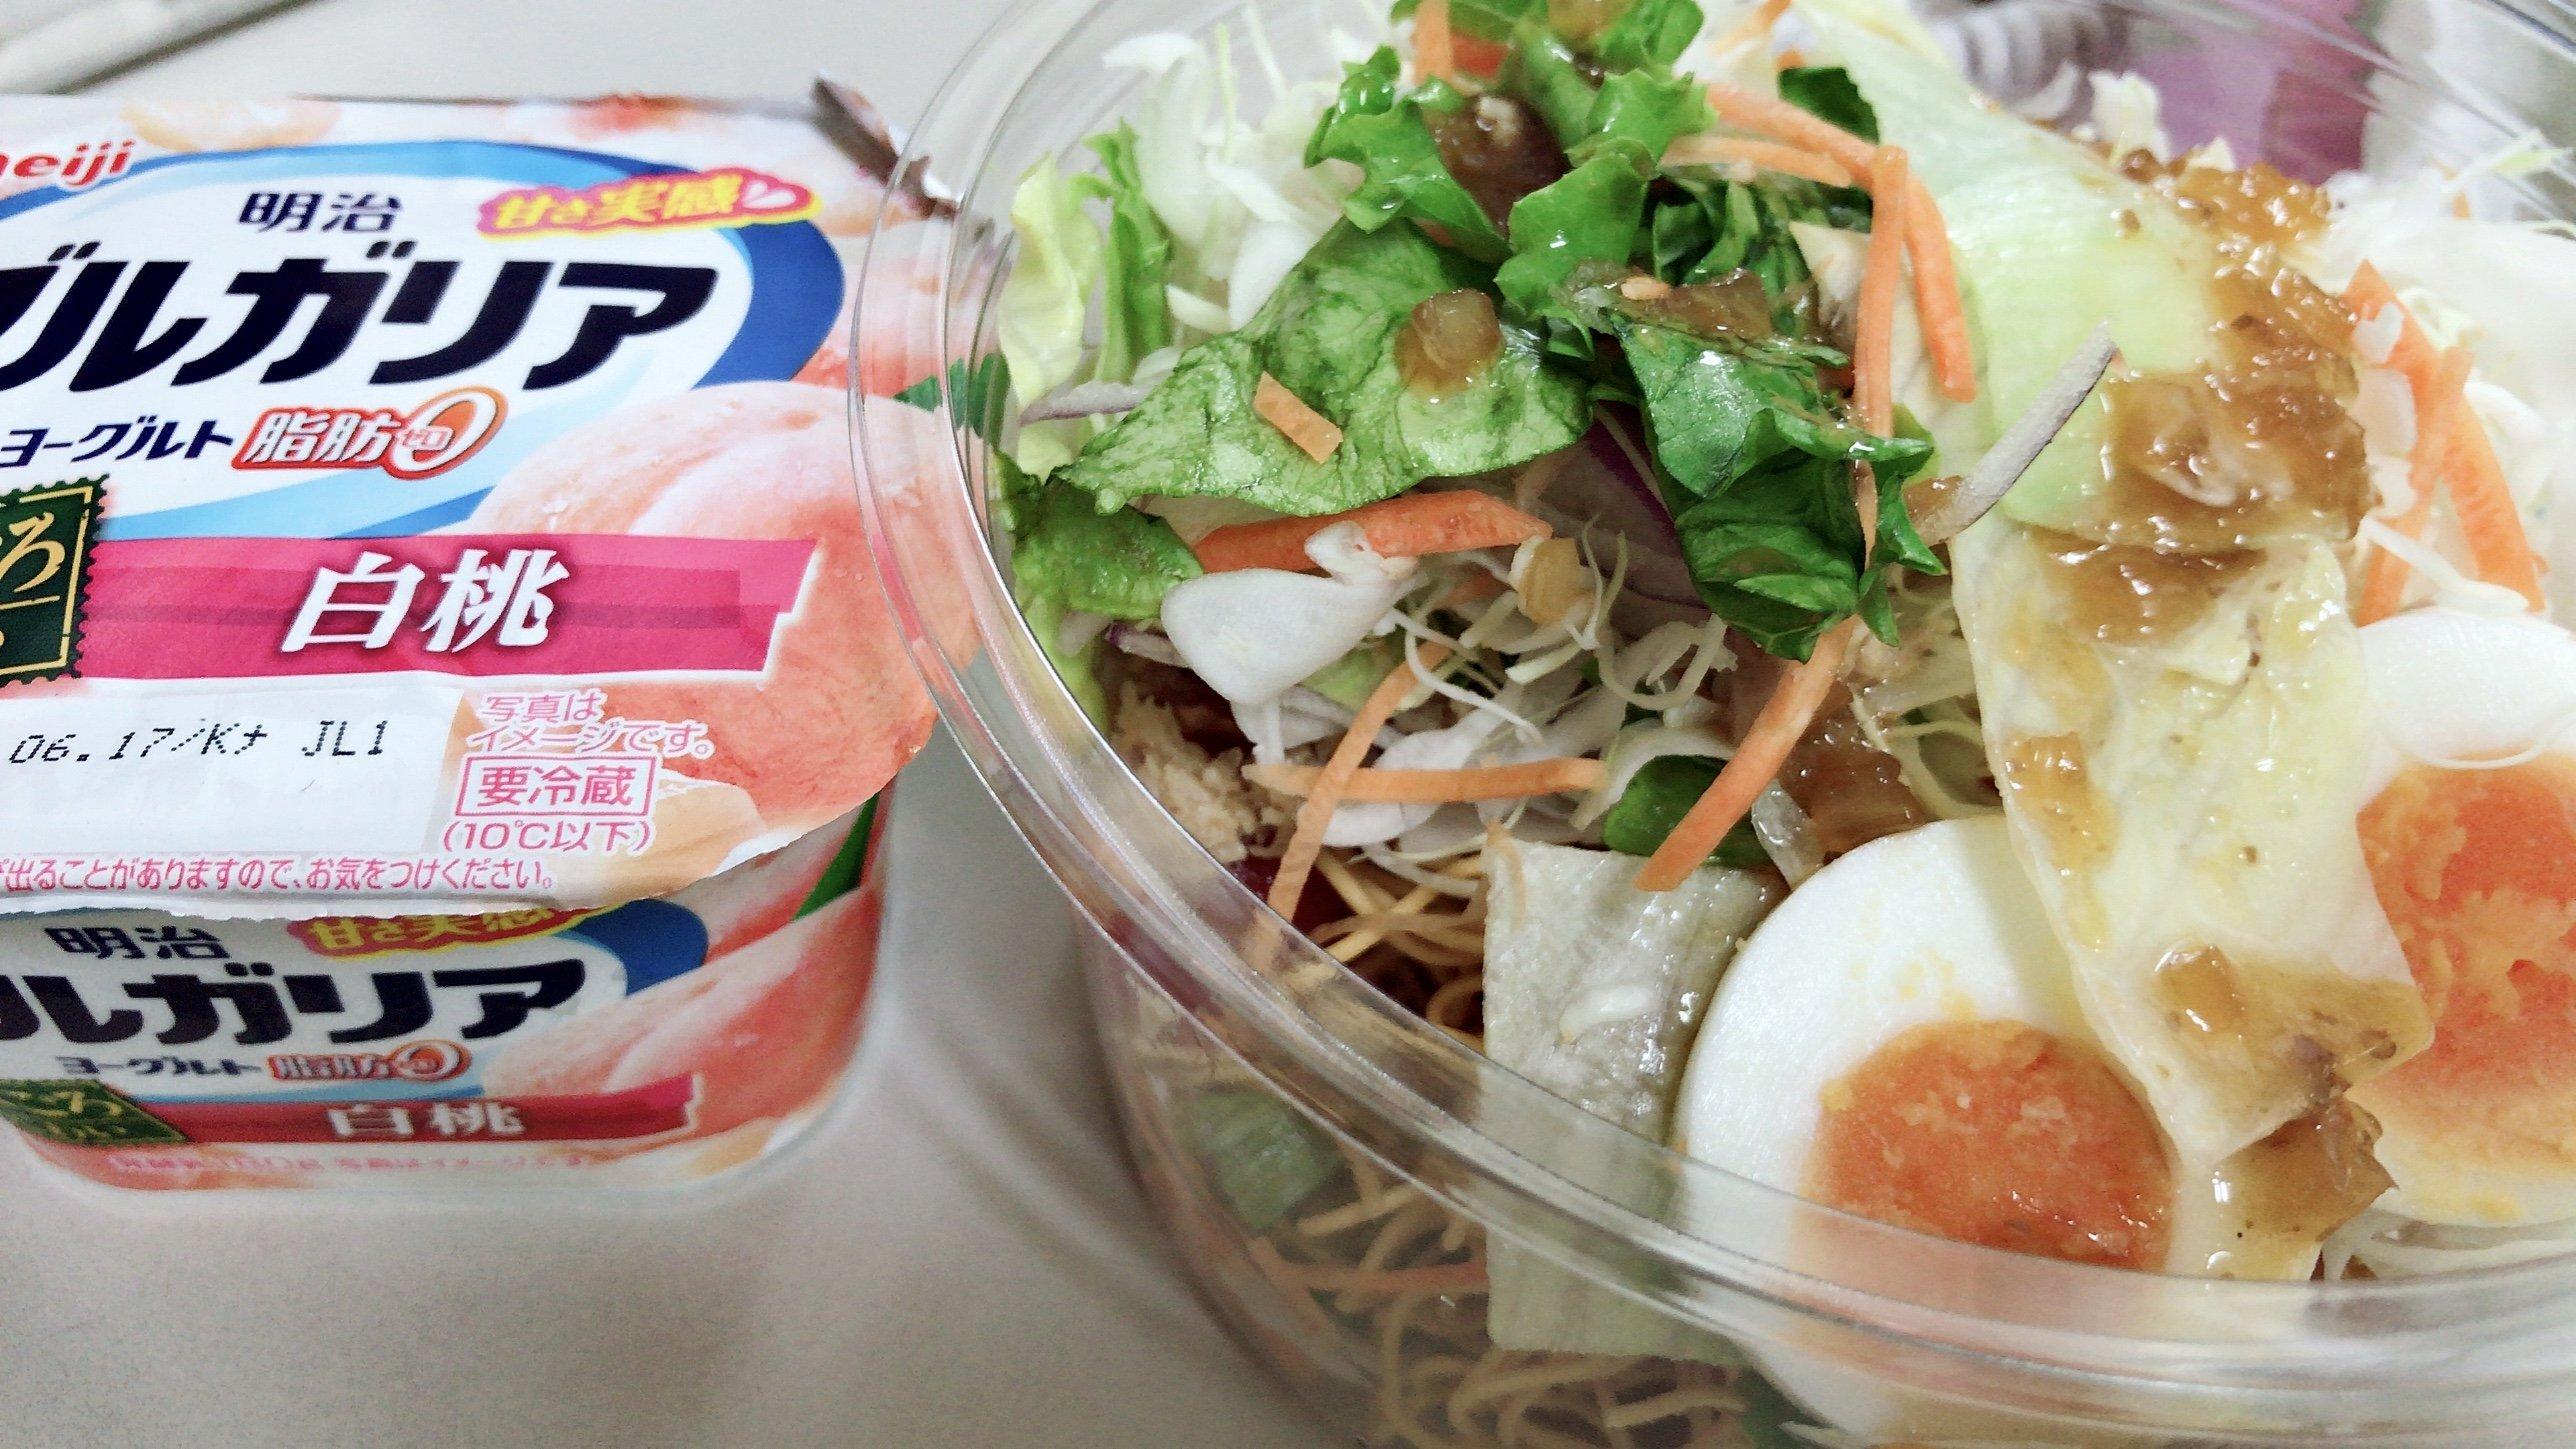 今日のランチ(´艸`*)パリパリ麺サラダとヨーグルト脂肪ゼロ^ - …